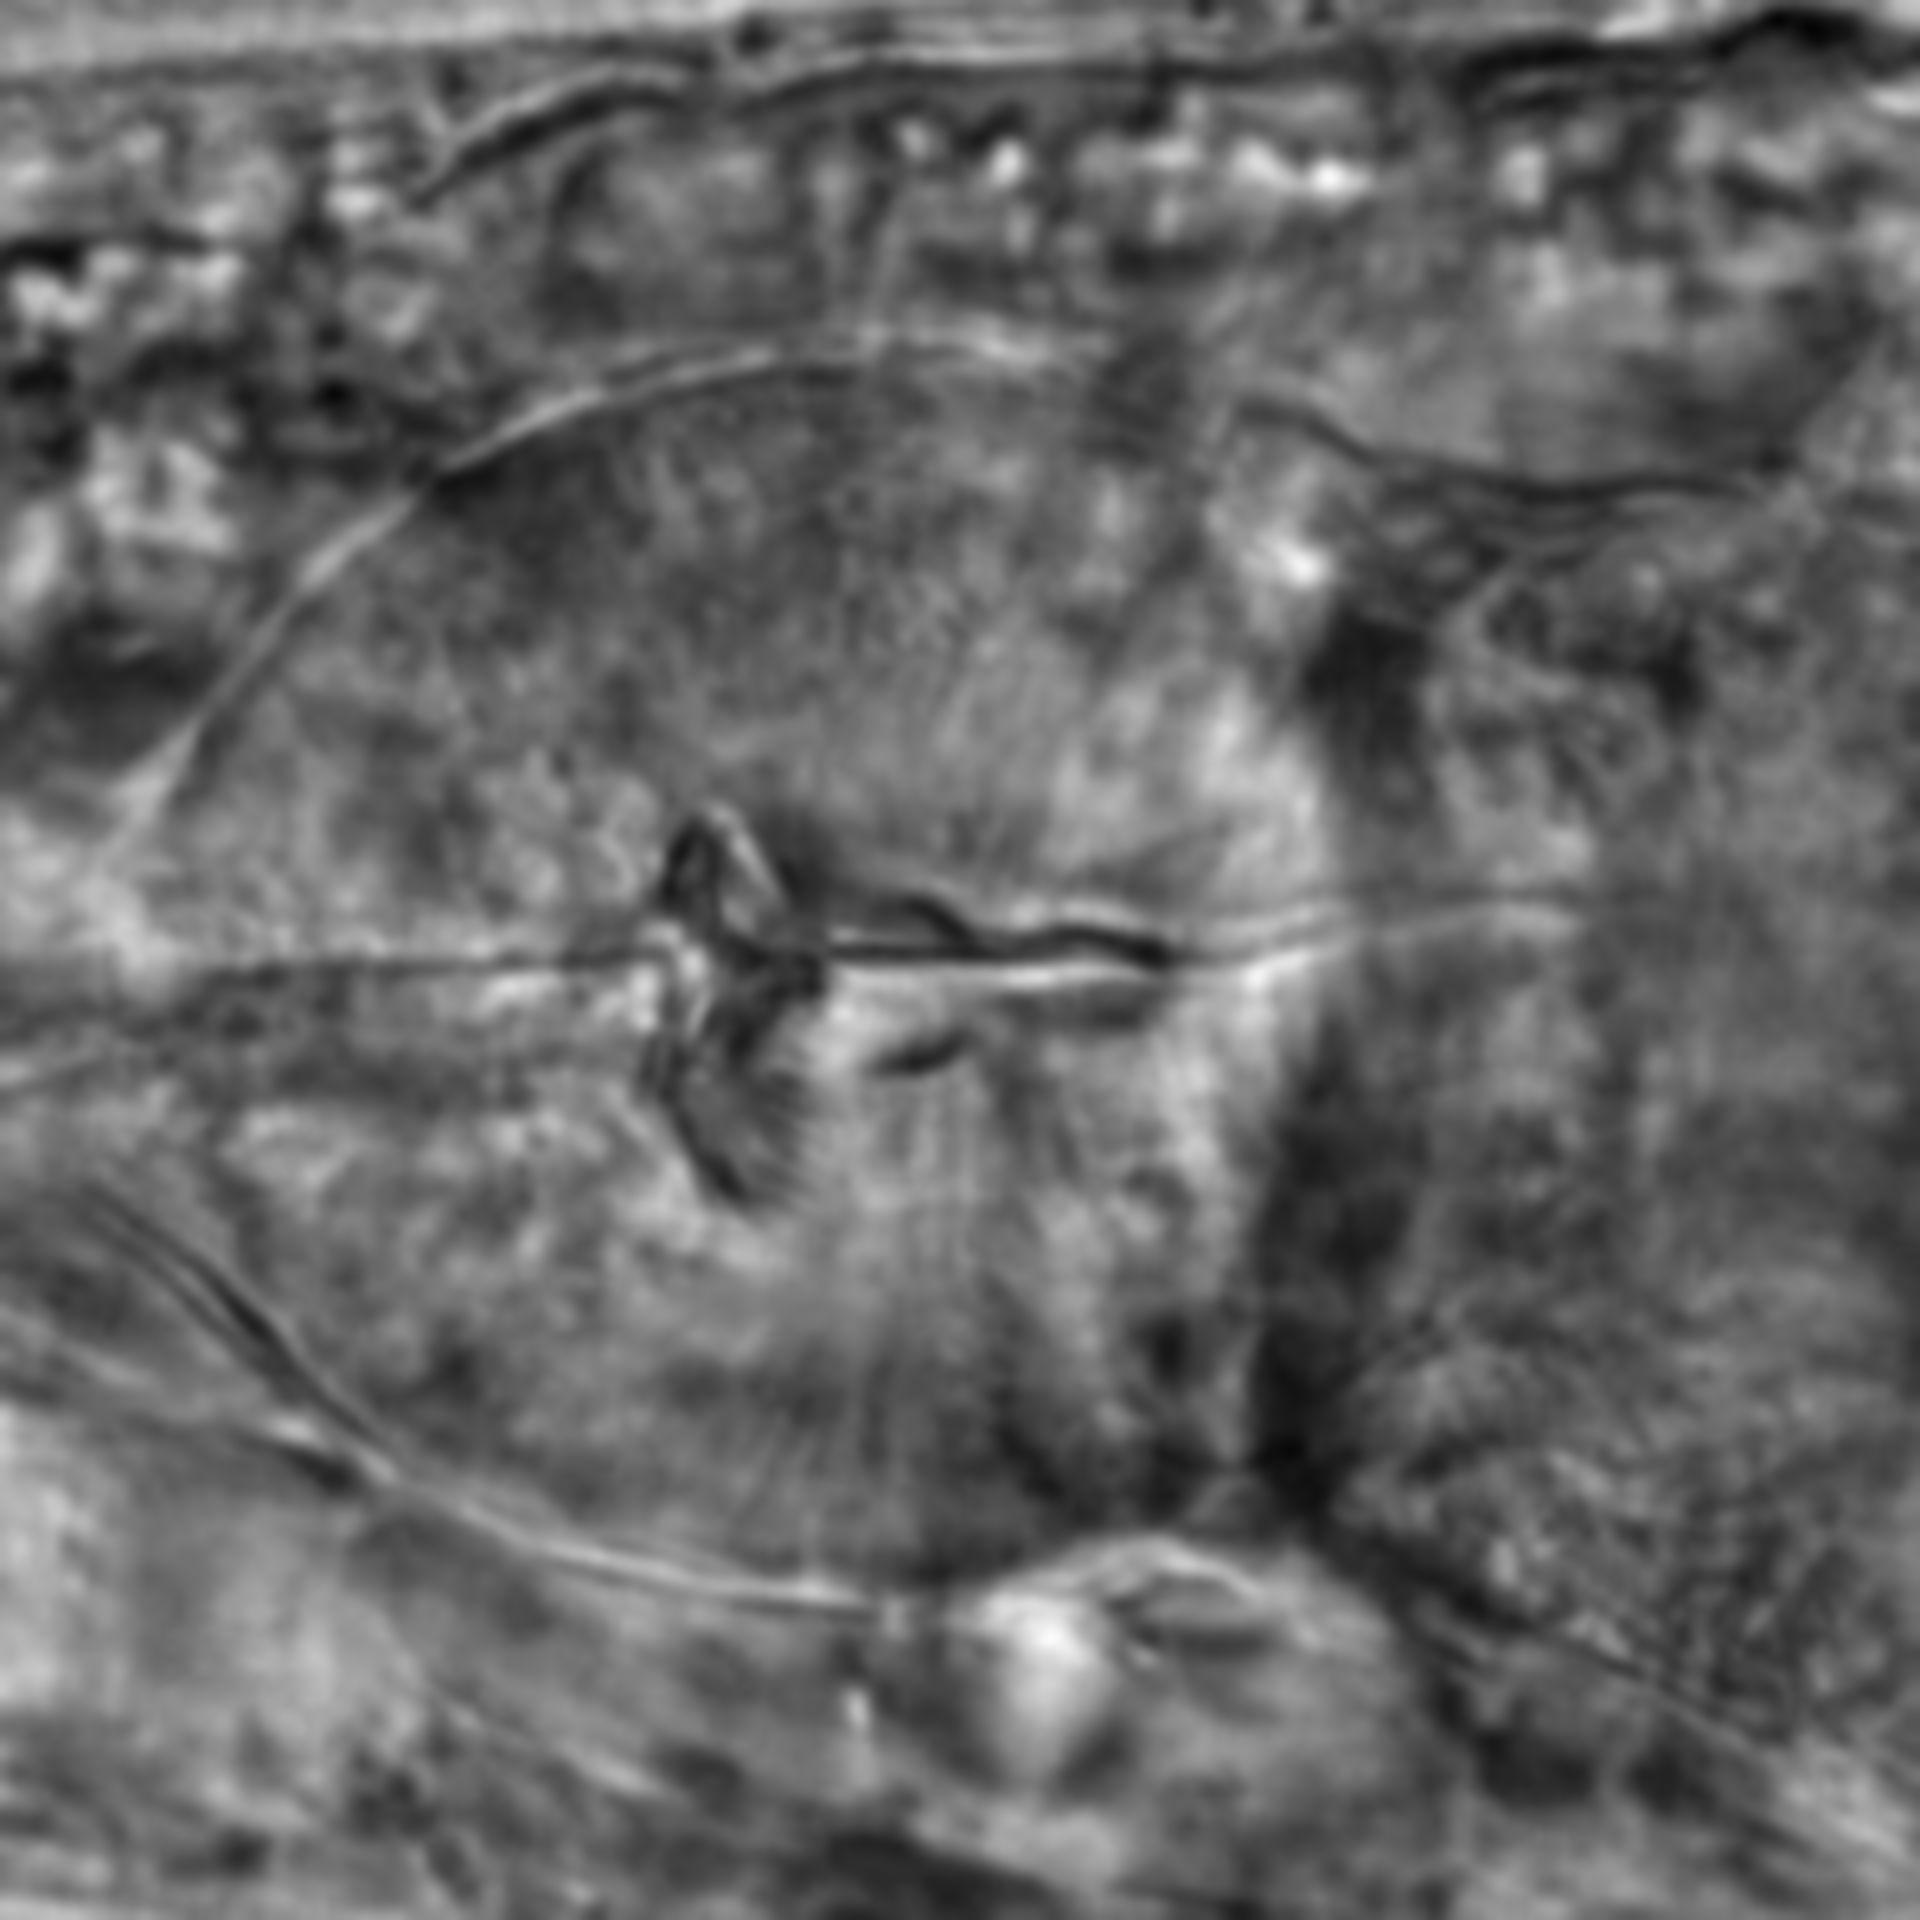 Caenorhabditis elegans - CIL:2127